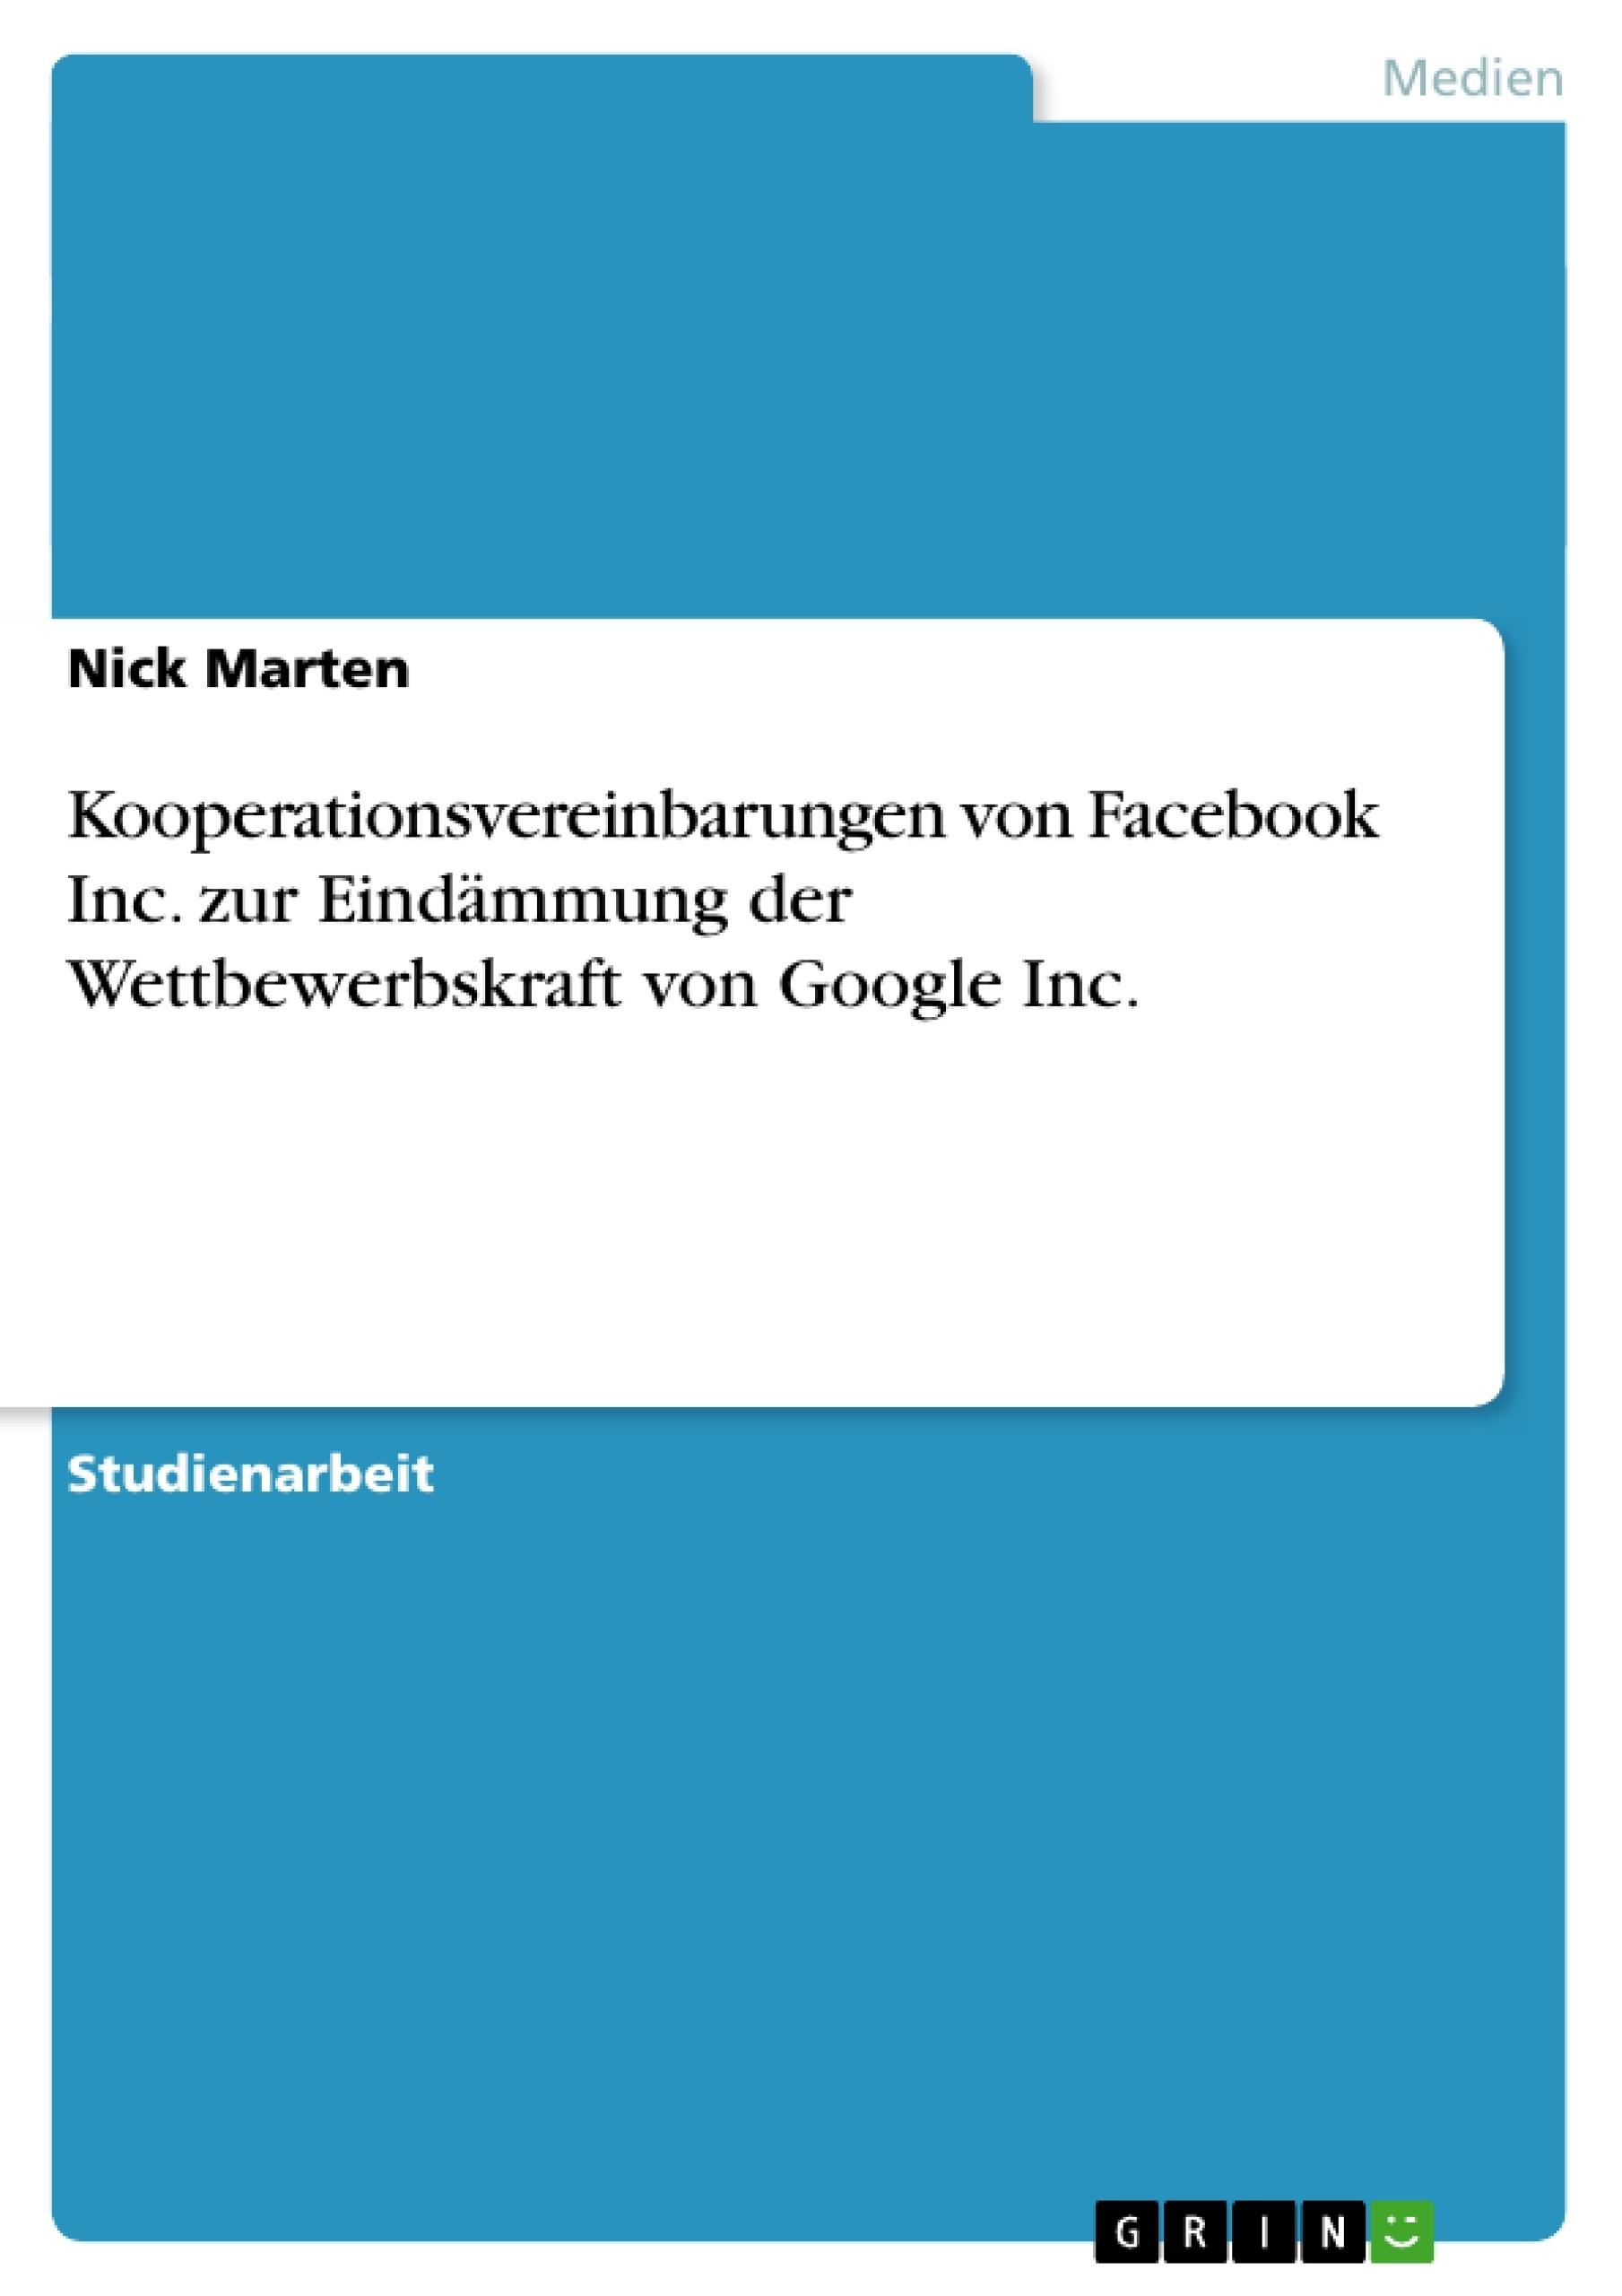 Titel: Kooperationsvereinbarungen von Facebook Inc. zur Eindämmung der Wettbewerbskraft von Google Inc.